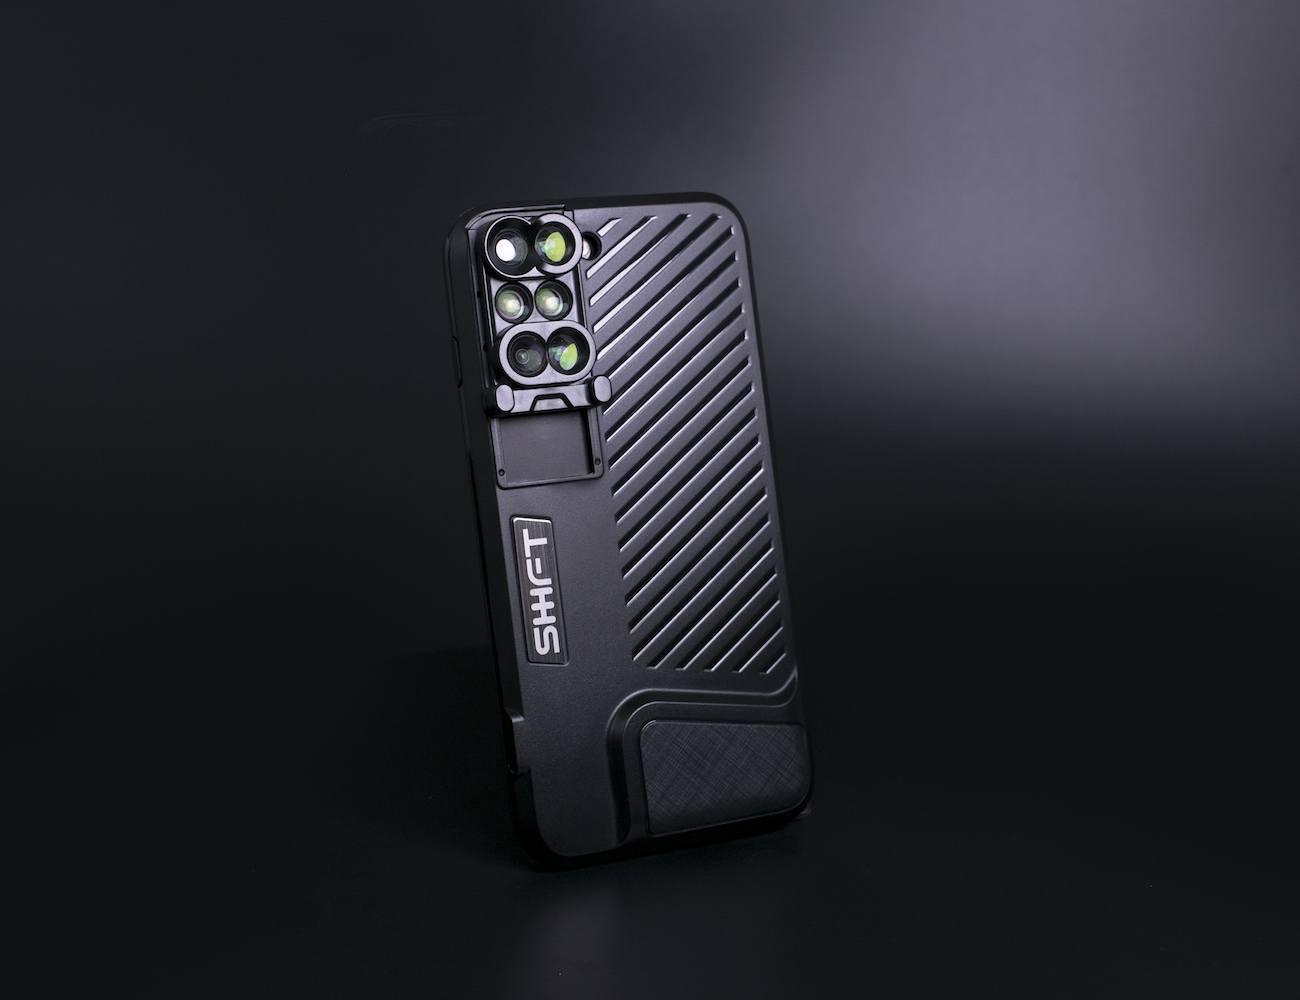 SHIFTCAM iPhone 7 Plus Camera Lens Case